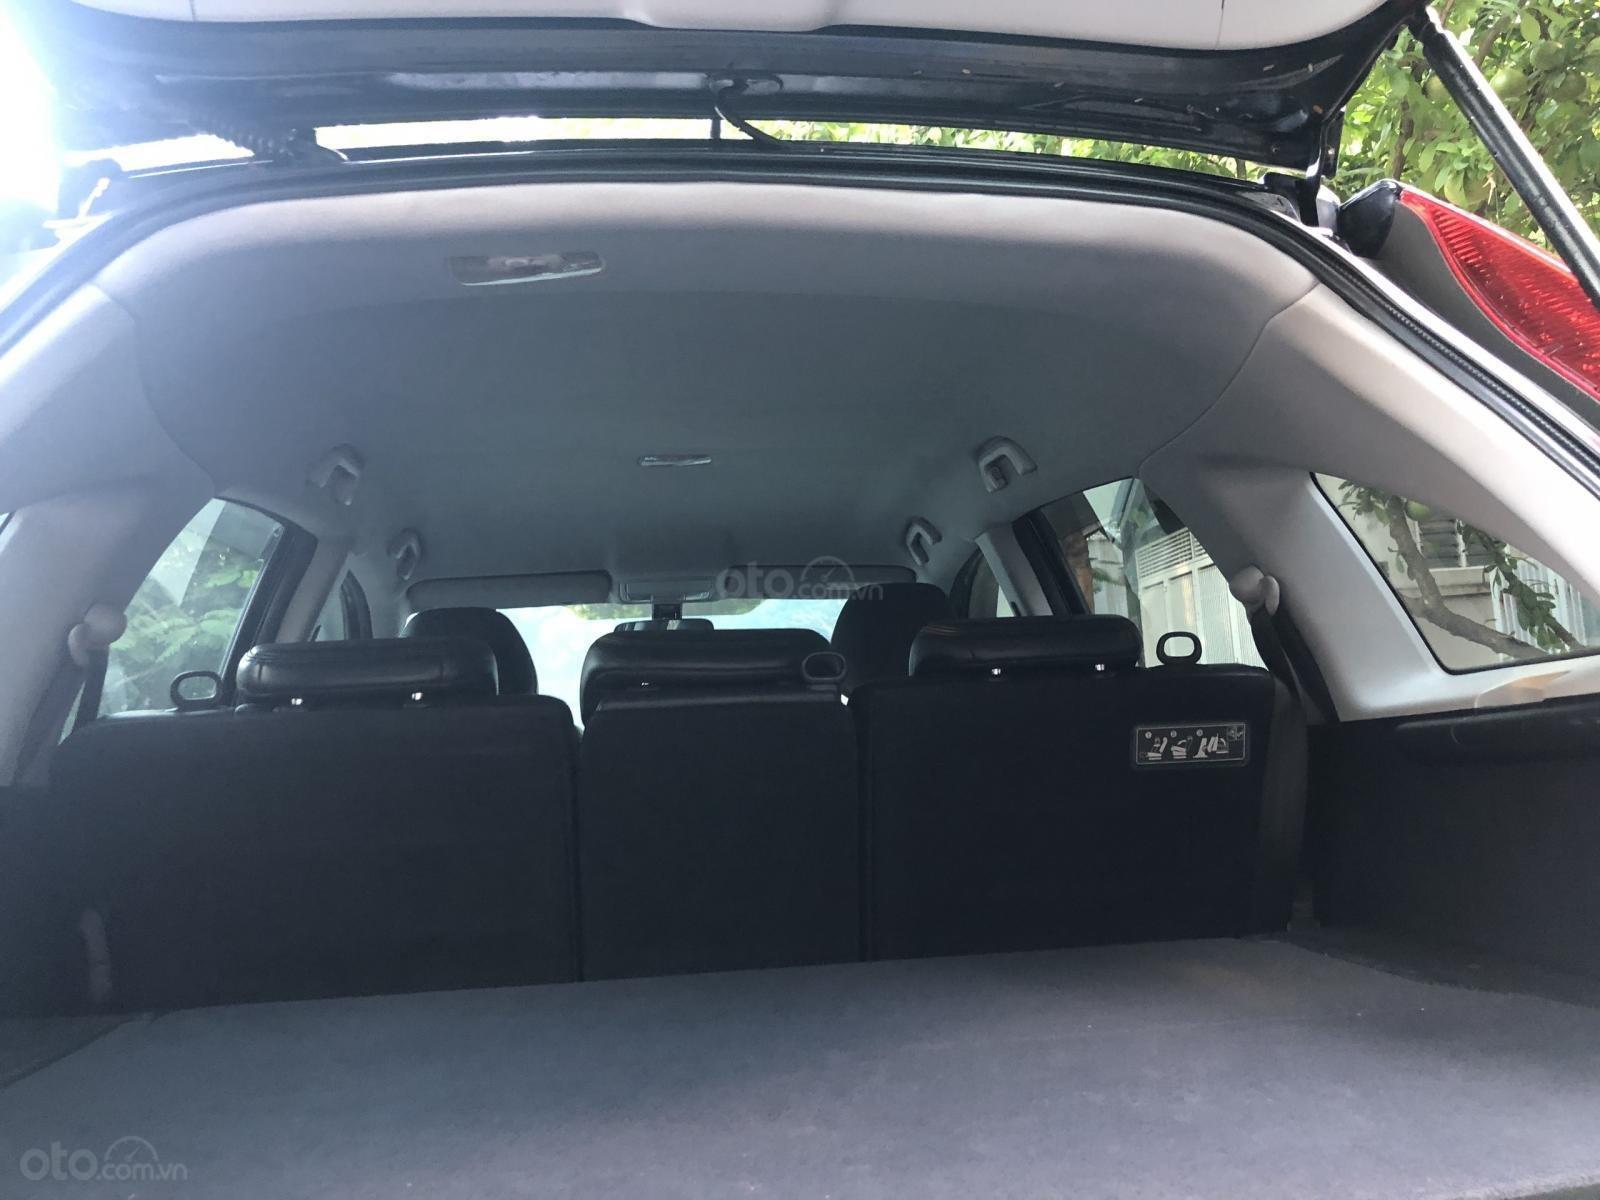 Bán ô tô Honda CR V 2.4 AT đời 2009, màu đen, 455tr (9)